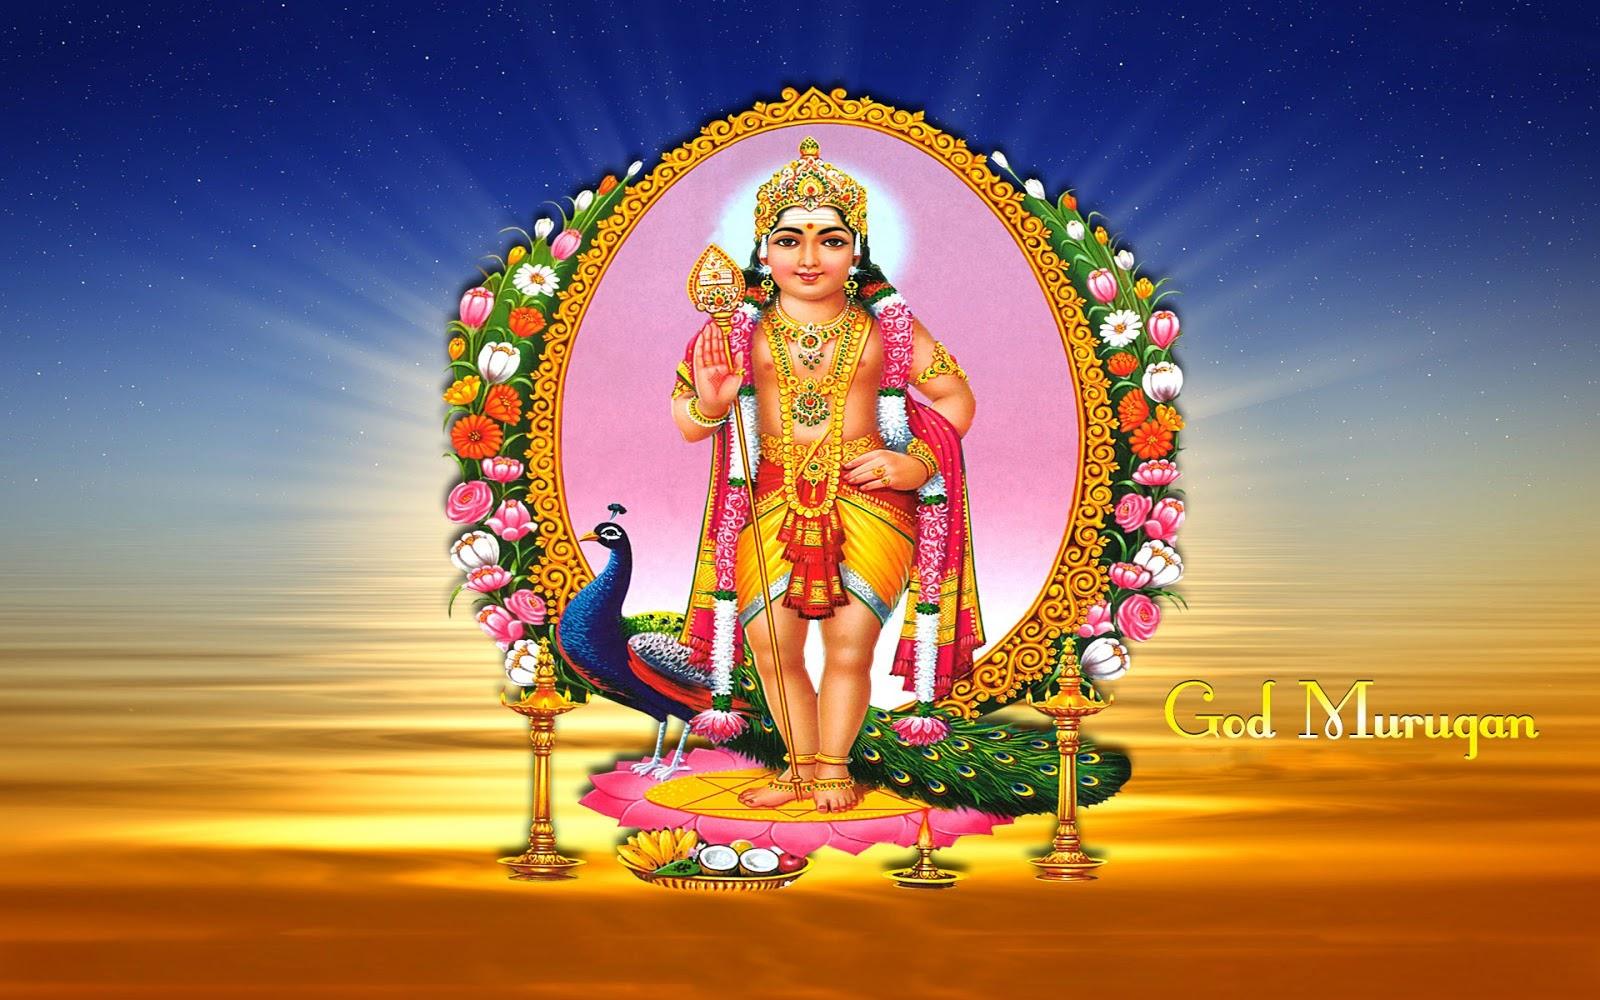 Tamil God Murugan Wallpapers